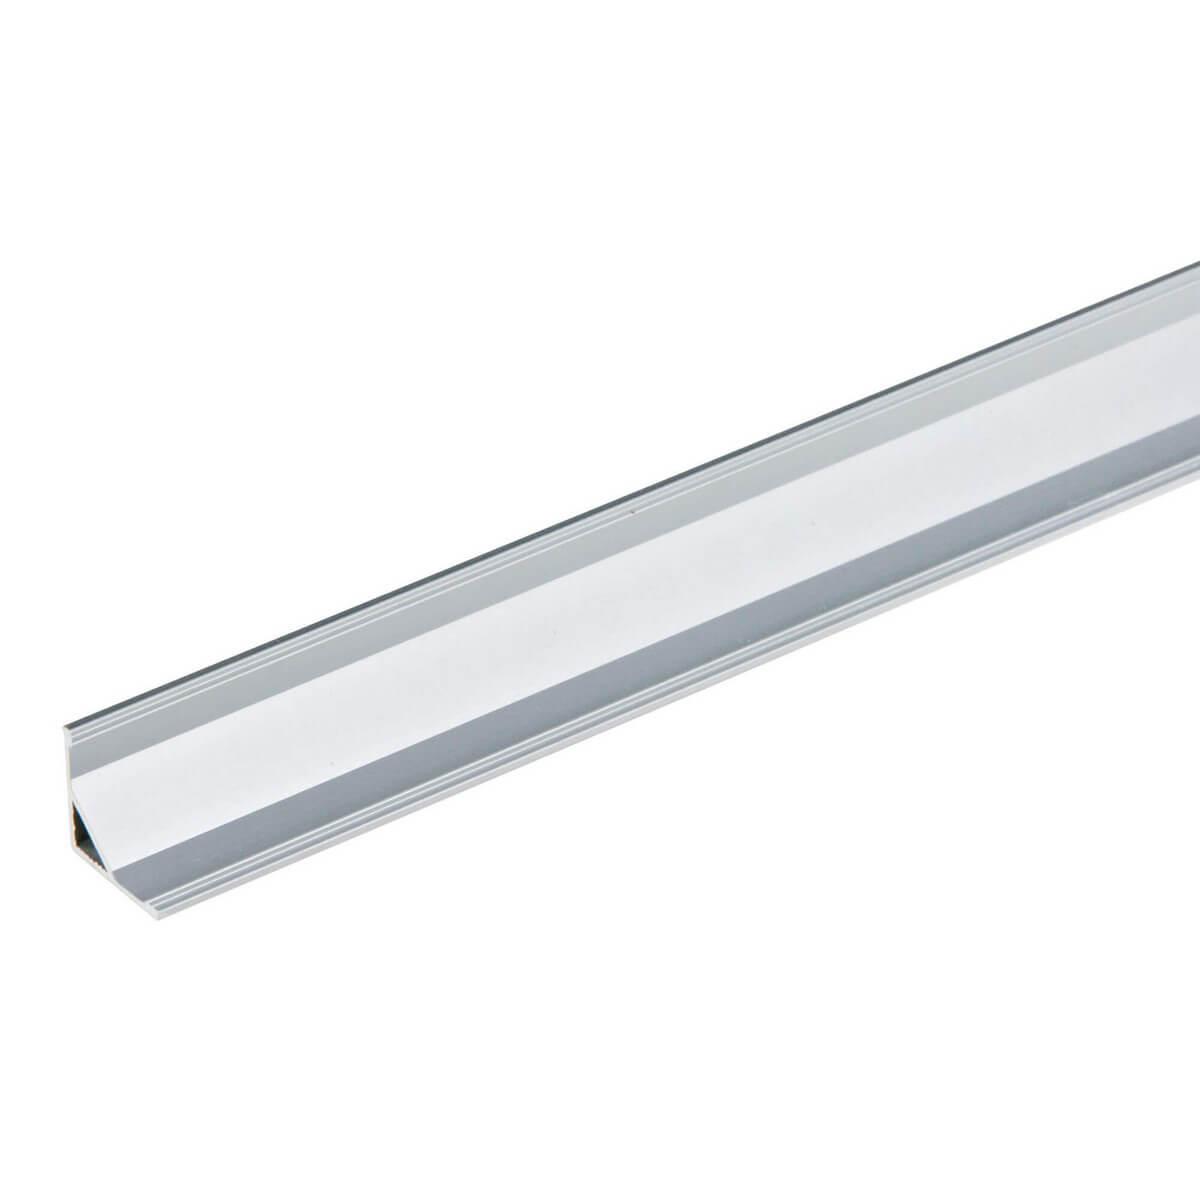 Профиль для ленты Uniel UFE-A05 Silver UFE-A (для светодиодных лент шириной 10 мм)